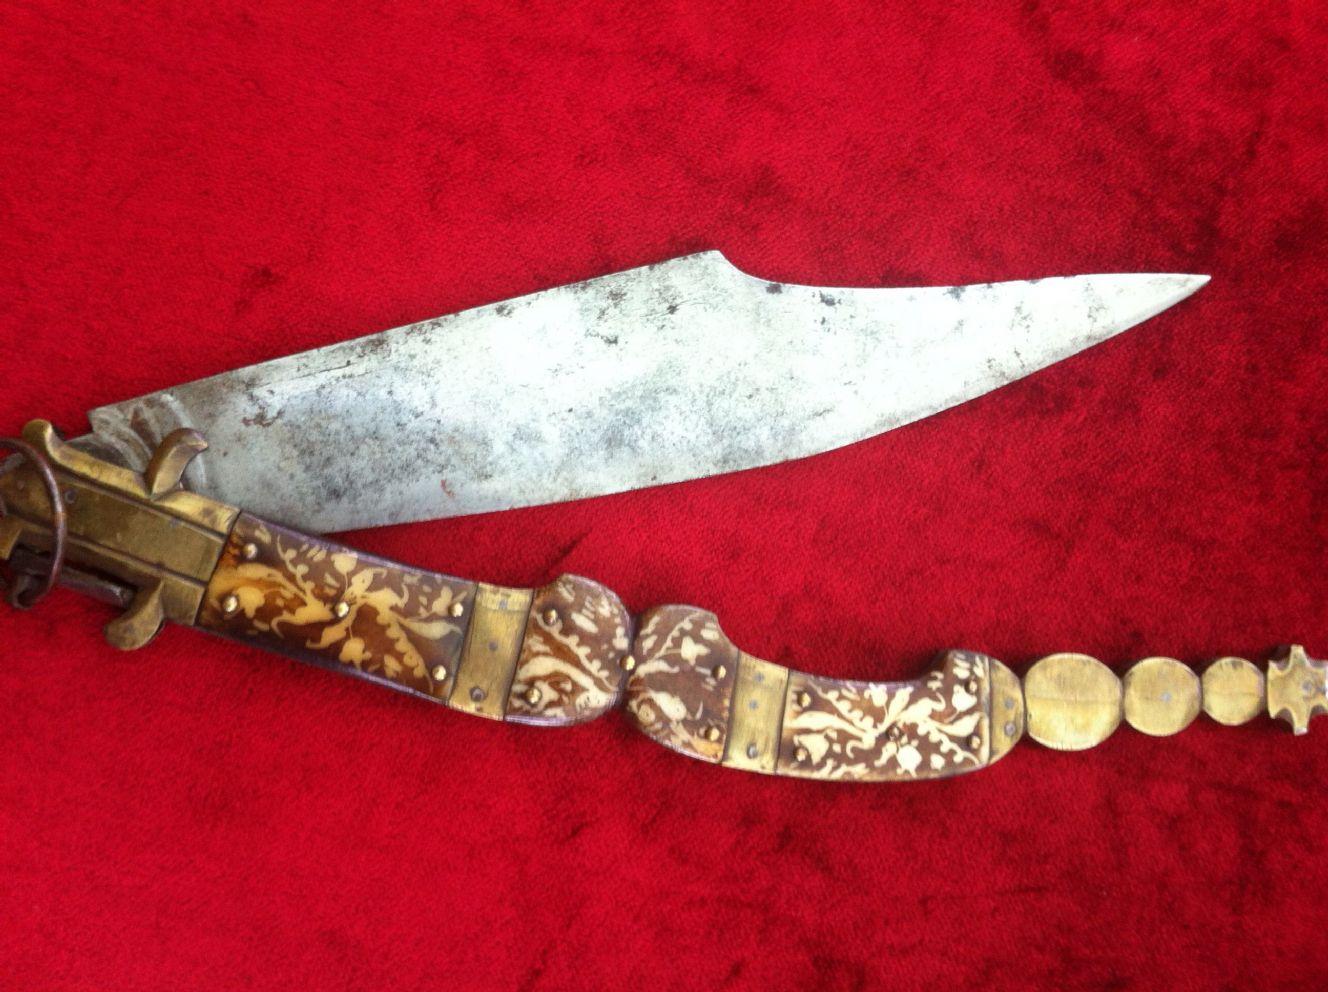 Фото нож наваха 3